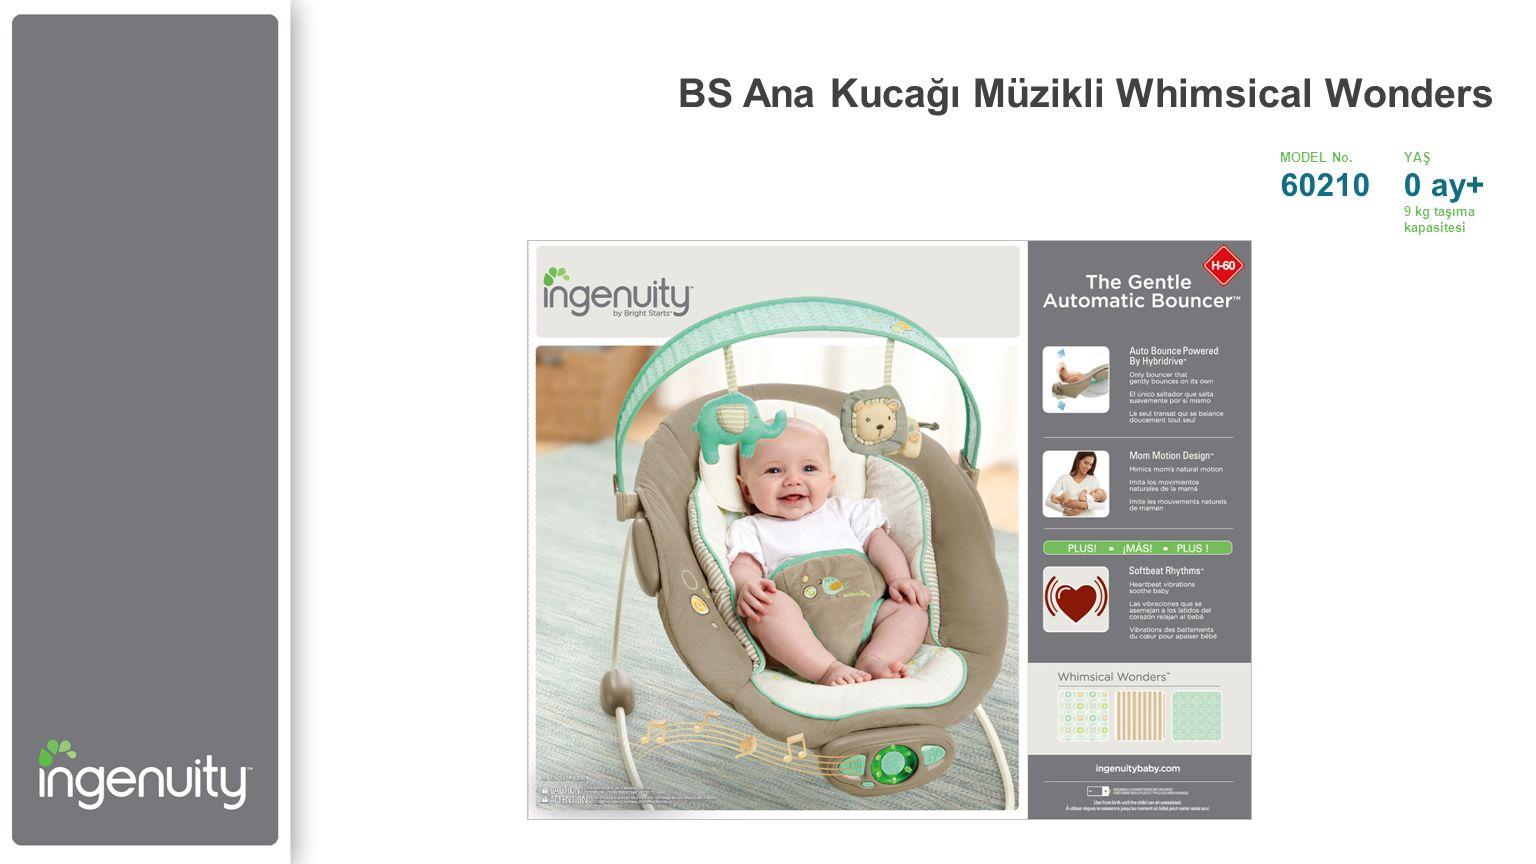 Ayırt Edici Önemli Özellikler 1 Annenin hareketlerini taklit edecek şekilde bebeği hoplatan tek ana kucağı 2 Kaliteli kumaşlar, çıkarılabilir baş desteği, entegre yastık, pedli ayak desteği, melodiler, doğa sesleri ve kalp ritmi titremişi ile bebeği sakinleştirici konfor özellikleri 3 Rakipleriyle kıyaslandığında Hybridrive ™ teknolojisi sayesinde 2 kat uzun süren pil ömrü BS Ana Kucağı Müzikli Whimsical Wonders